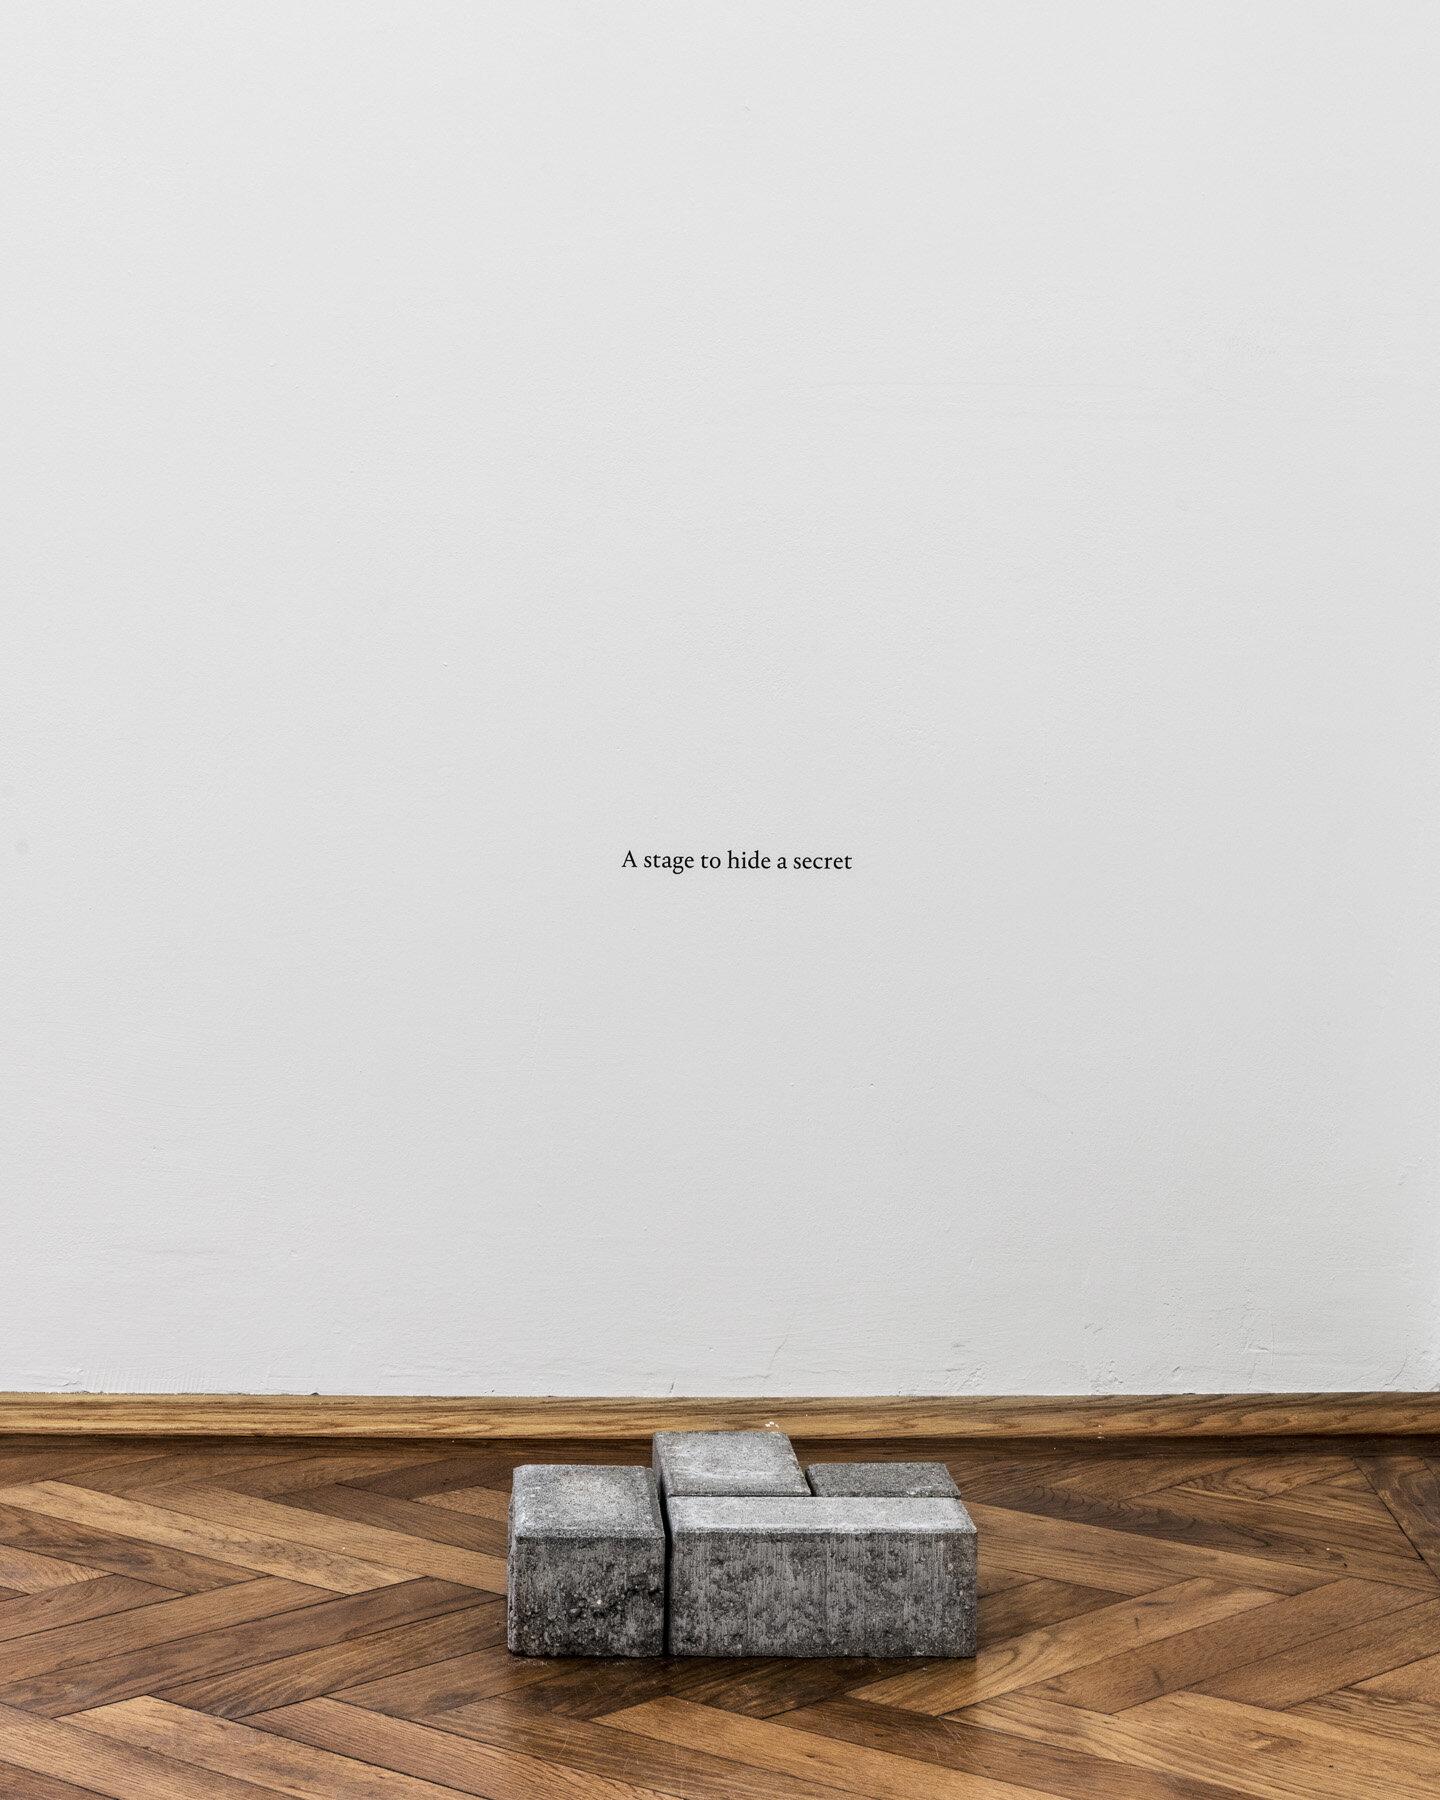 Thomas Geiger, A stage to hide a secret, 2017, concrete pavement tiles, adhesive letters, 30.5 x 30 x 8 cm